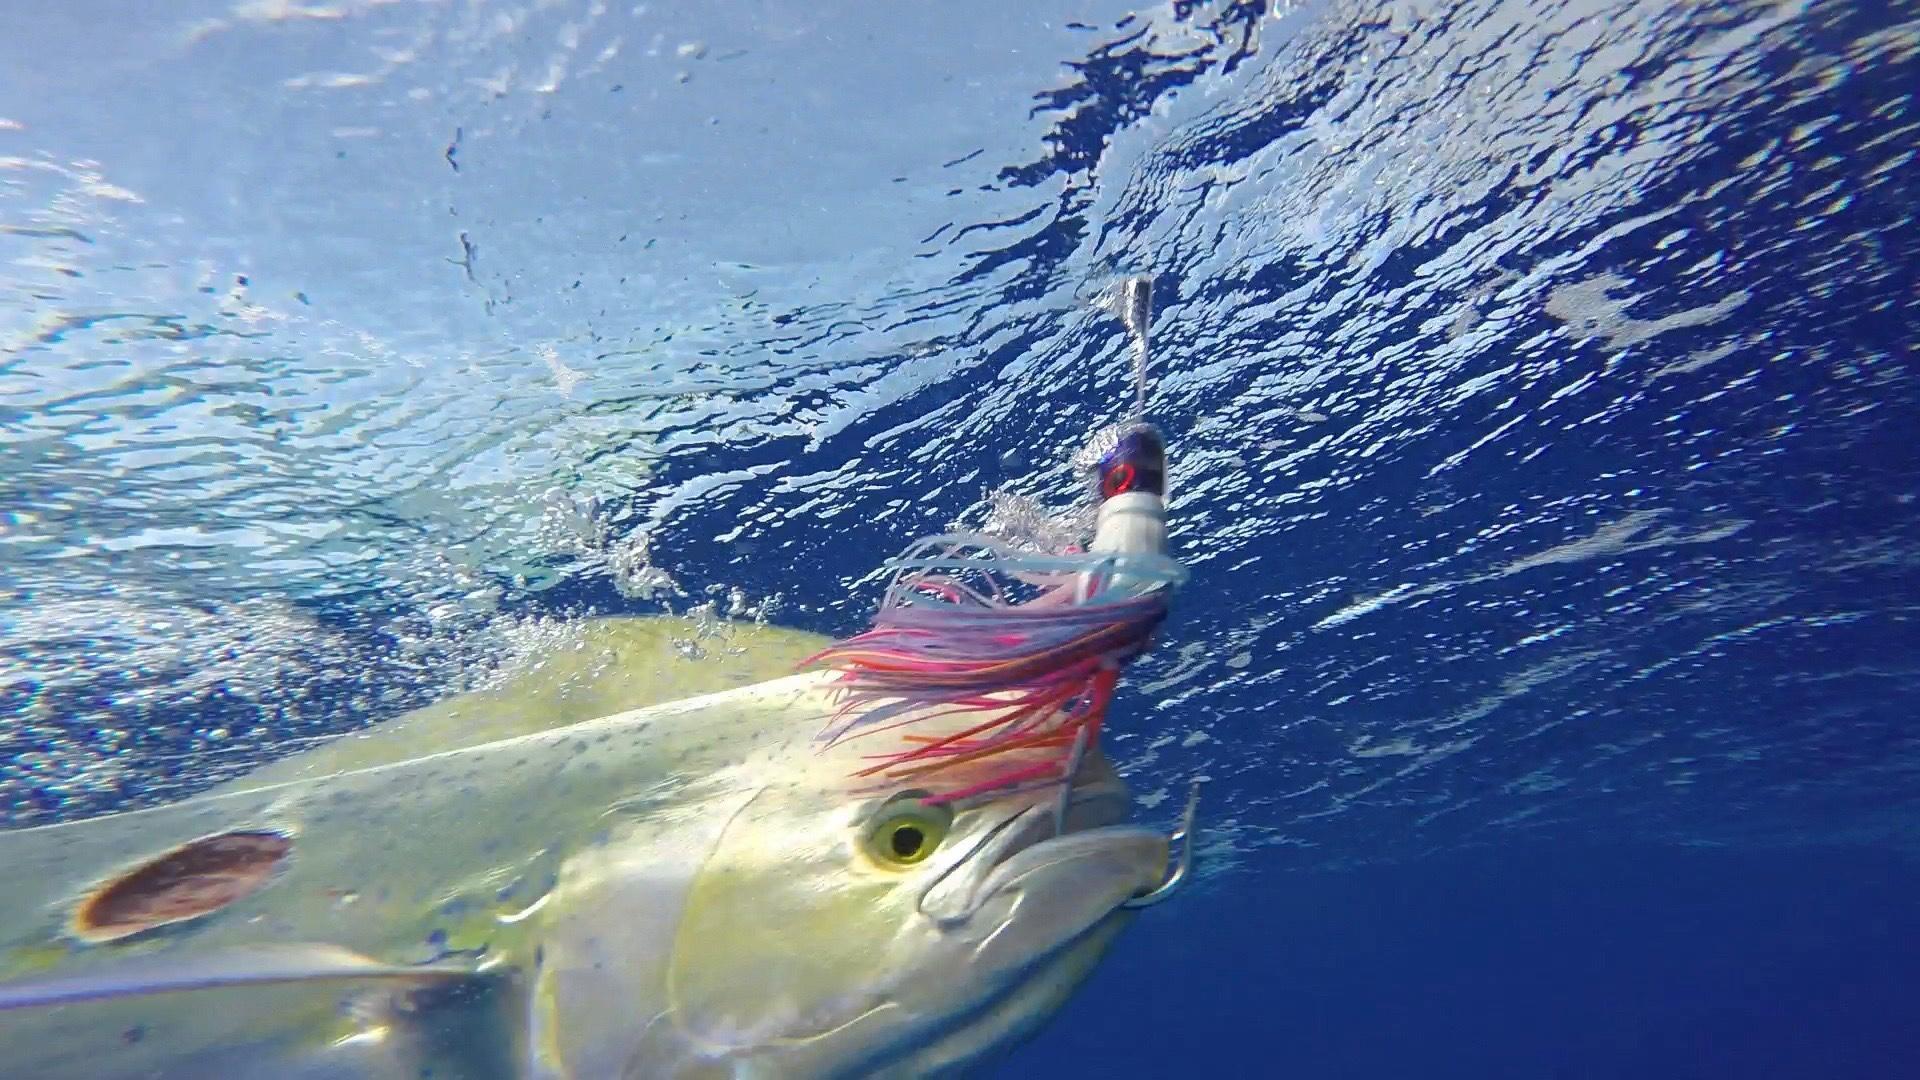 Fishing in Kauai, Hawaii